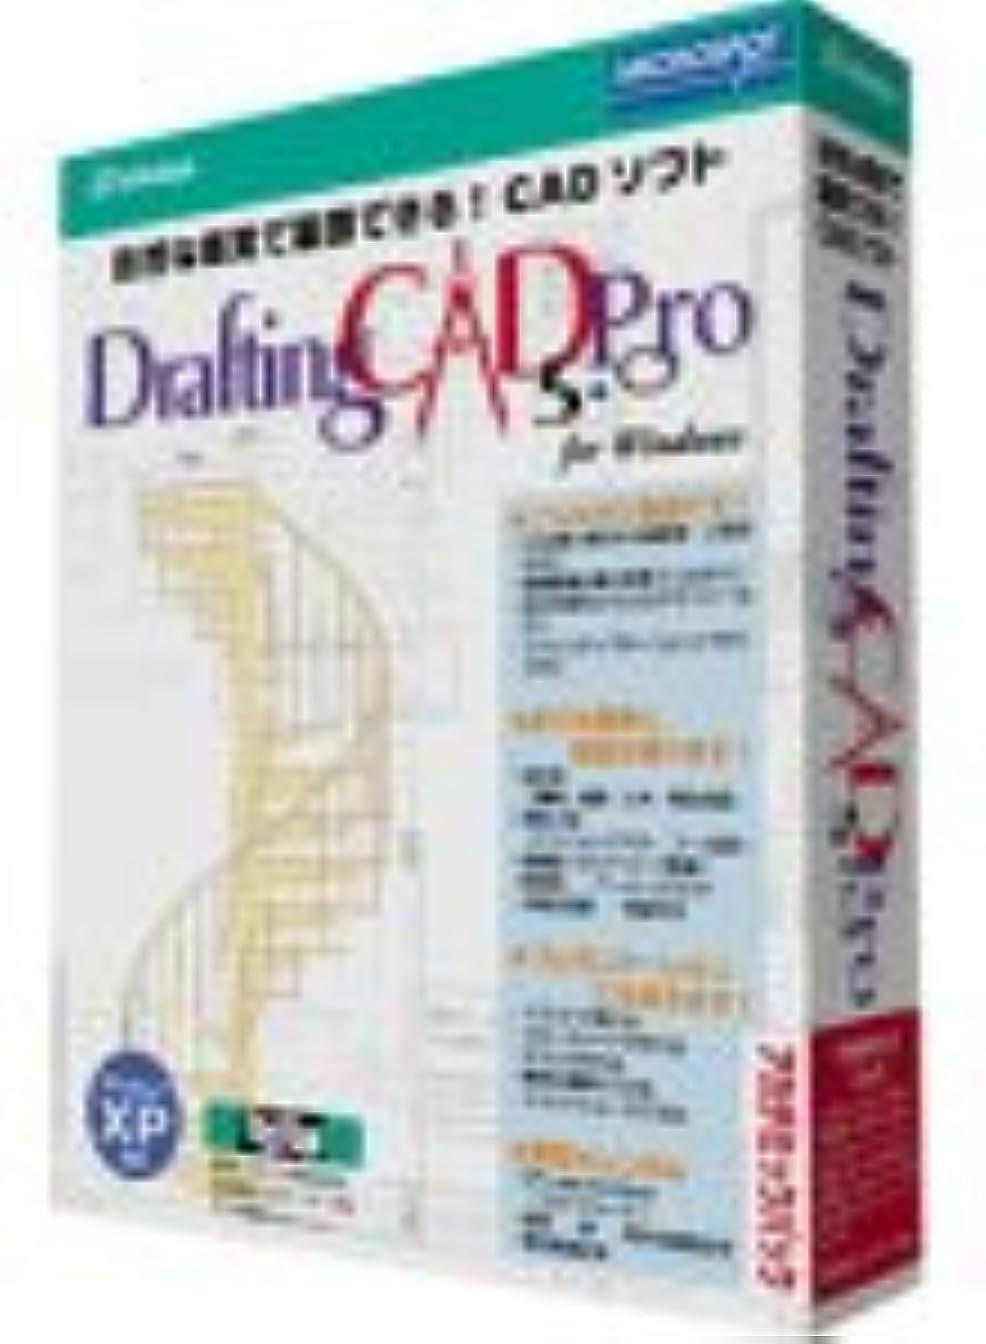 忍耐パン屋成果DraftingCAD 5.0 Pro for Windows アカデミックパック